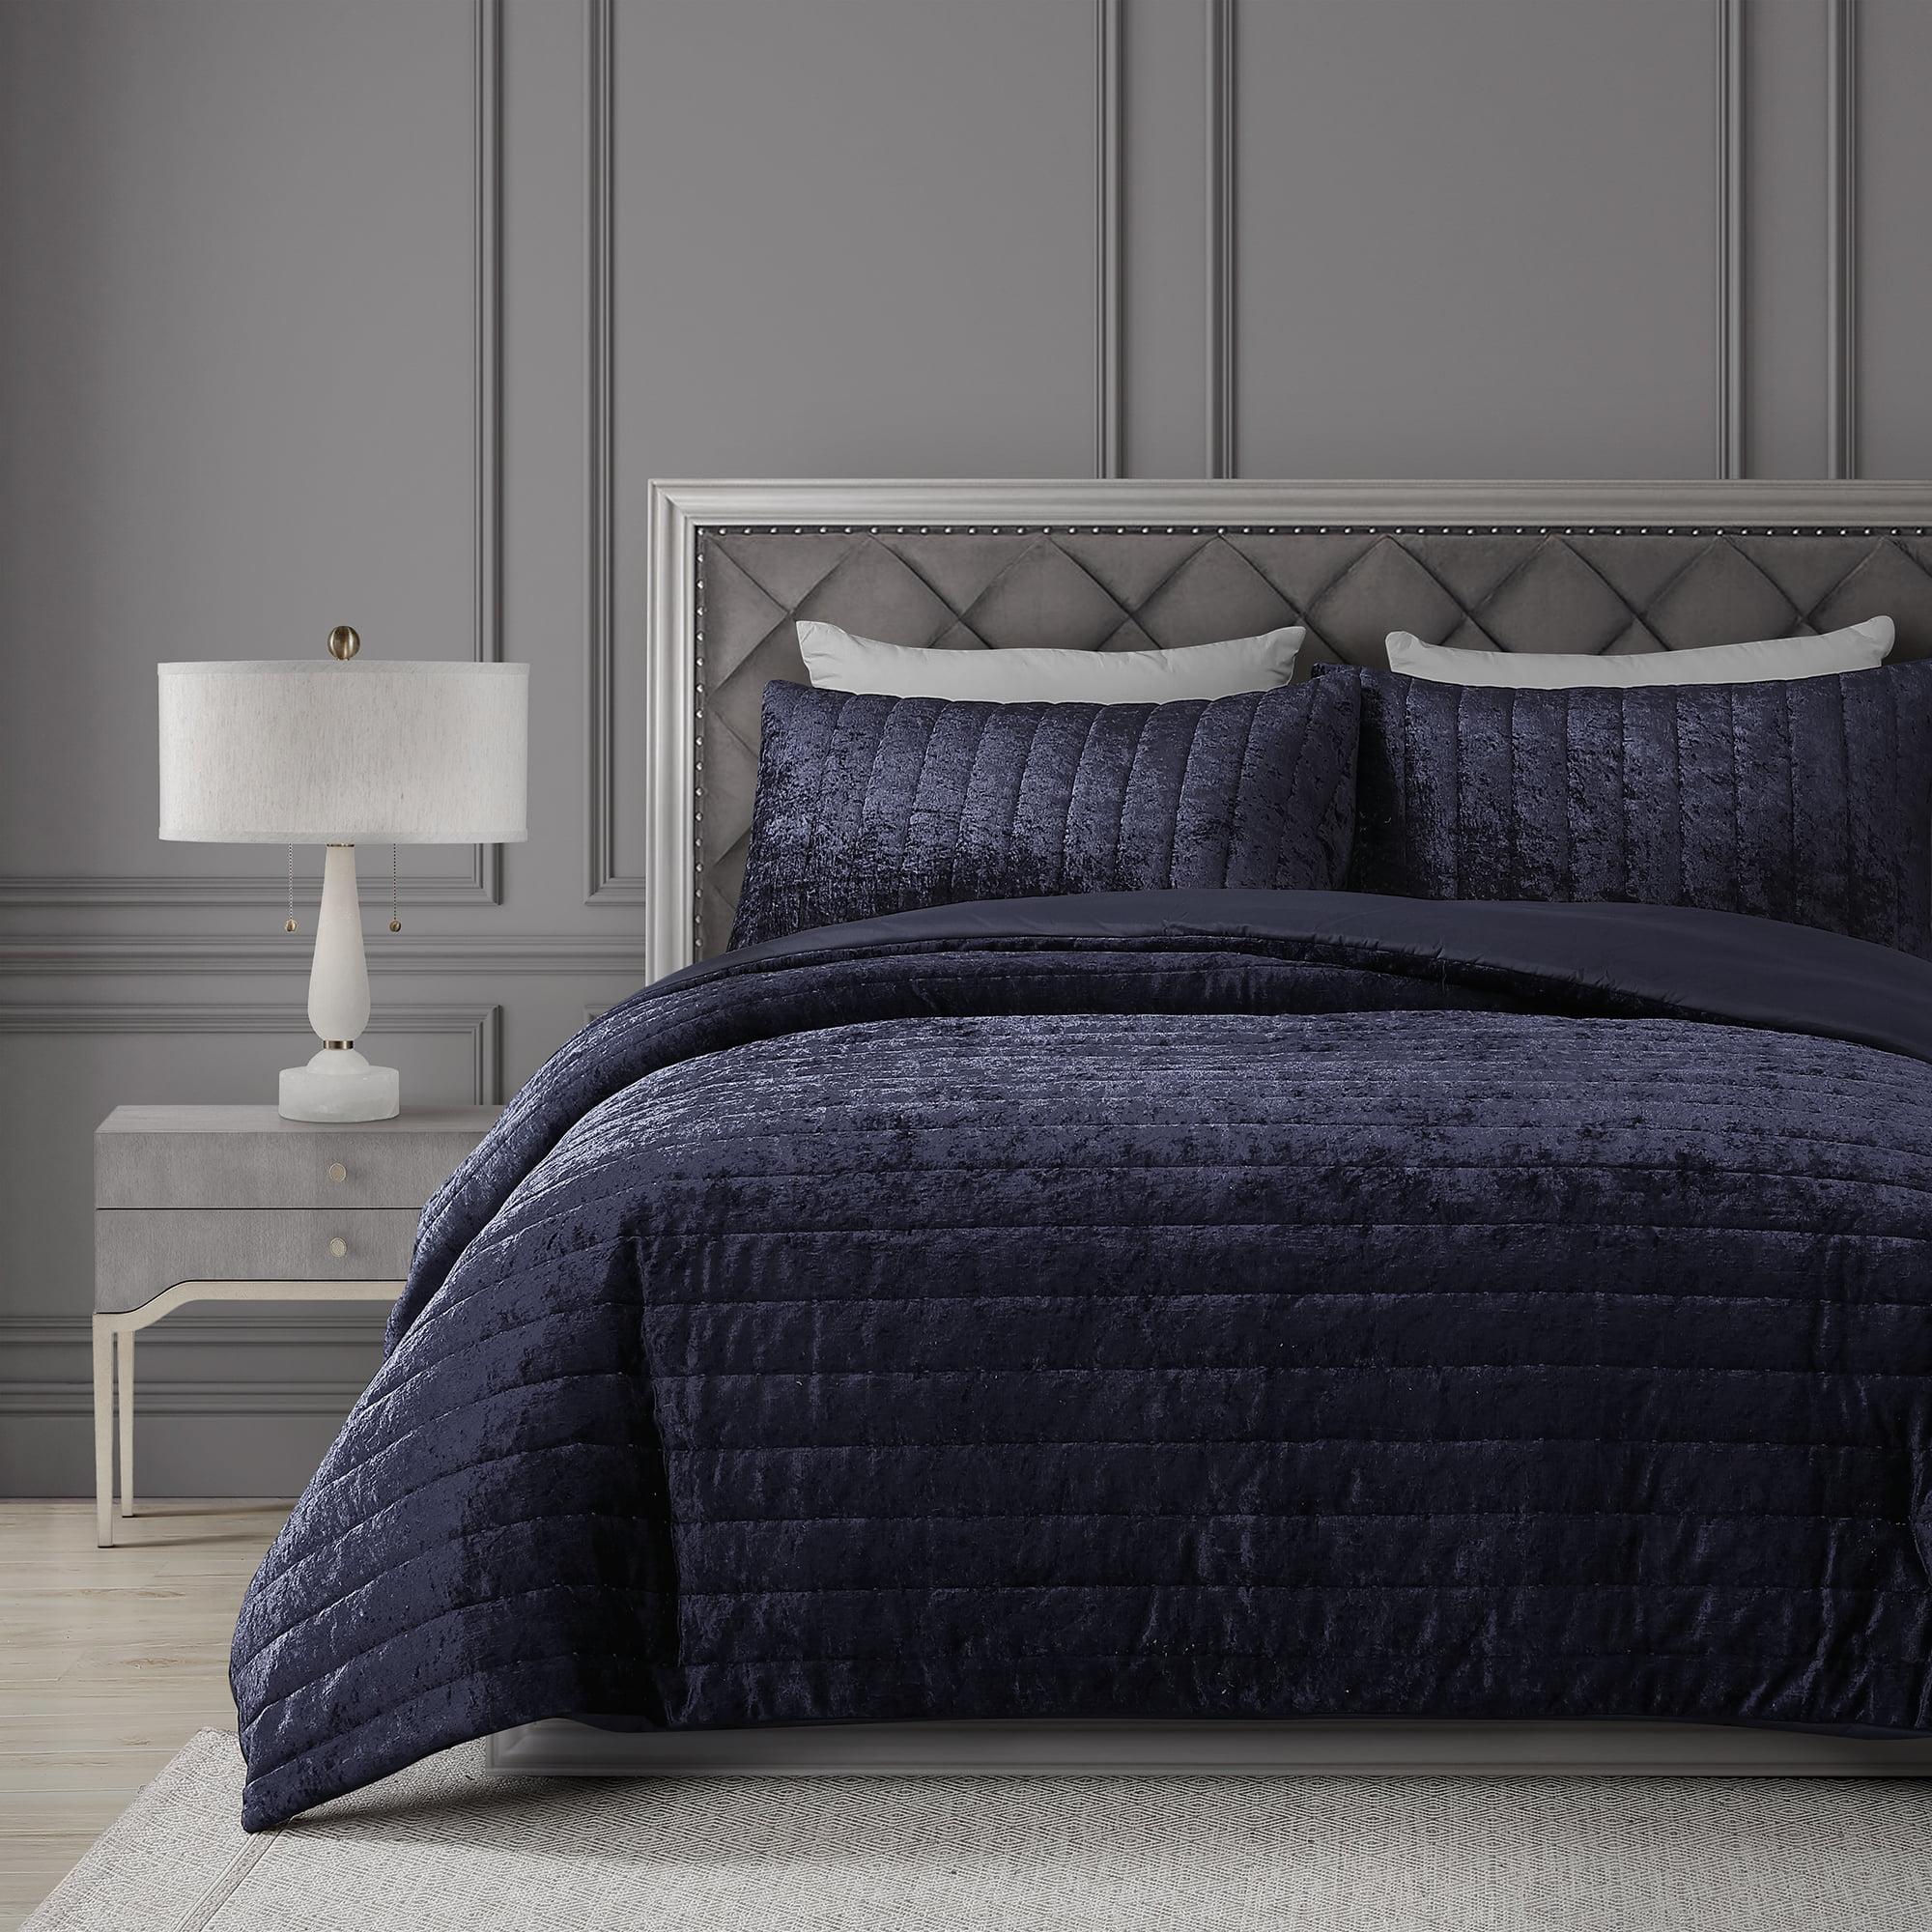 Better Homes And Gardens Becker Quilted Velvet Blue 3 Piece Comforter Set Queen Walmart Com Walmart Com